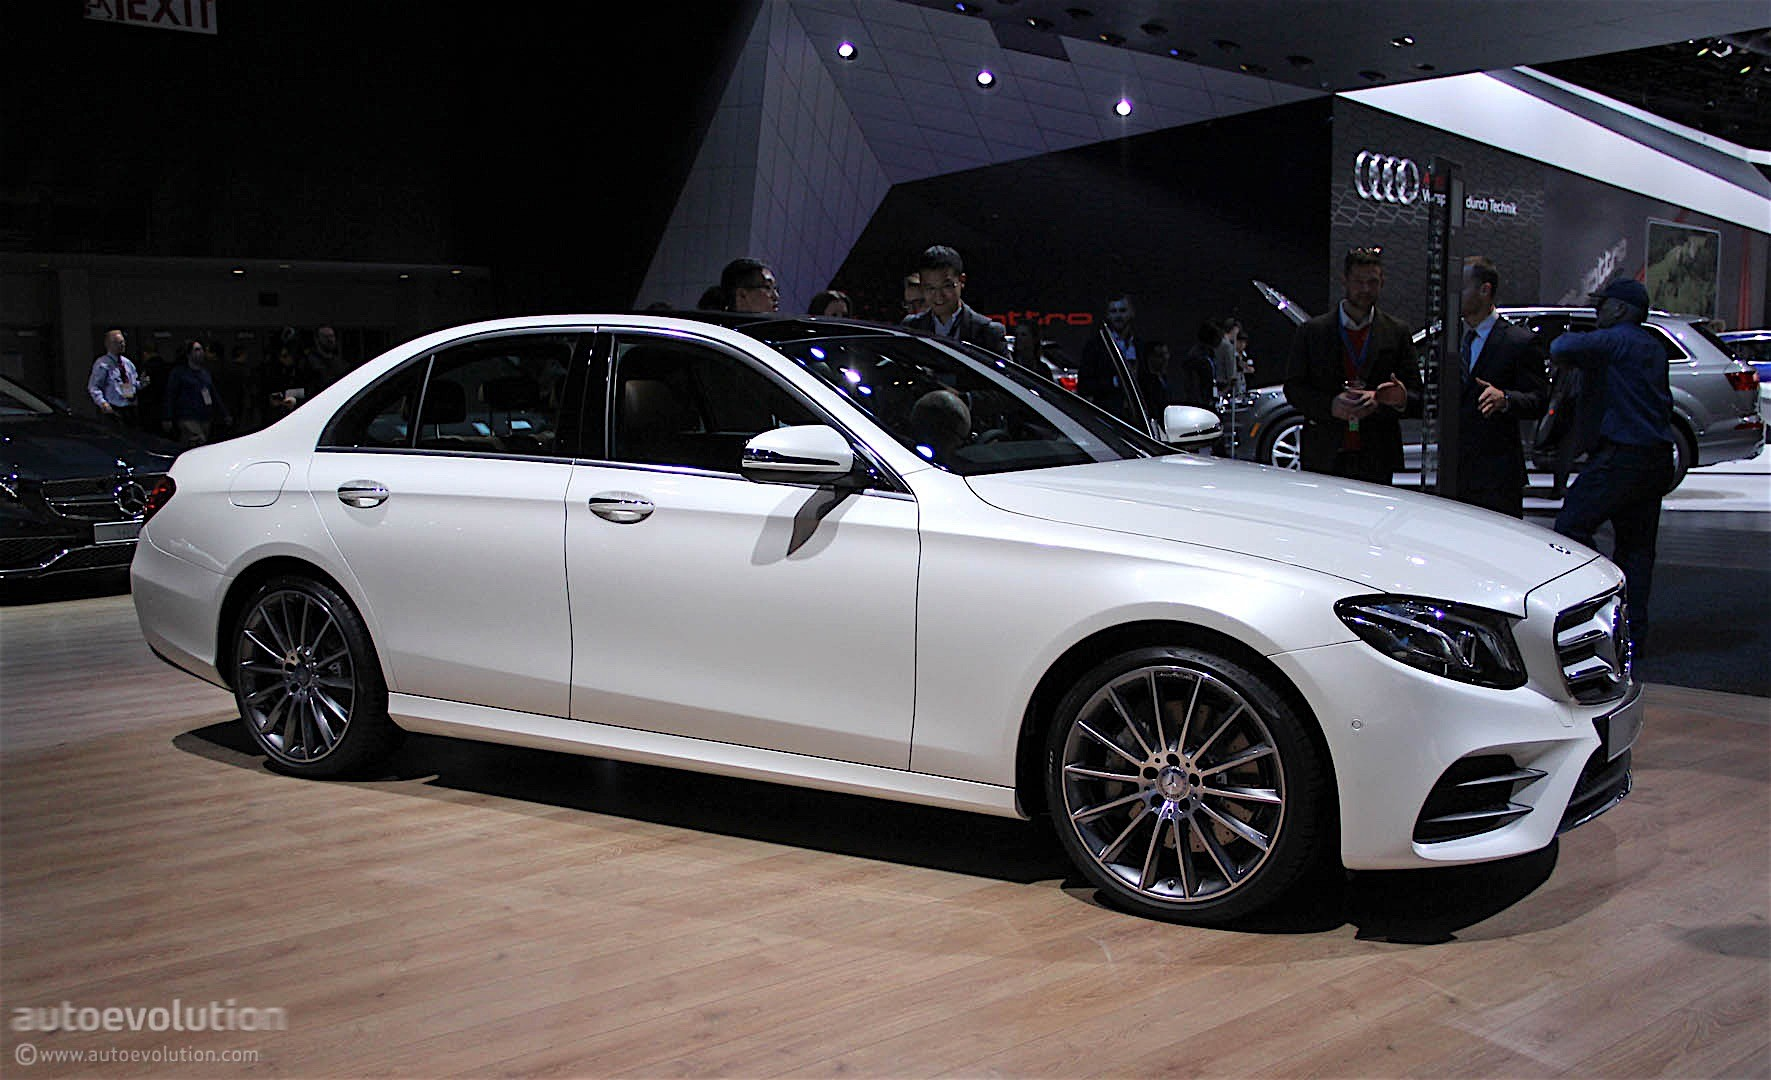 2017 Mercedes-Benz E-Class Unveiled at the 2016 Detroit Auto Show ...